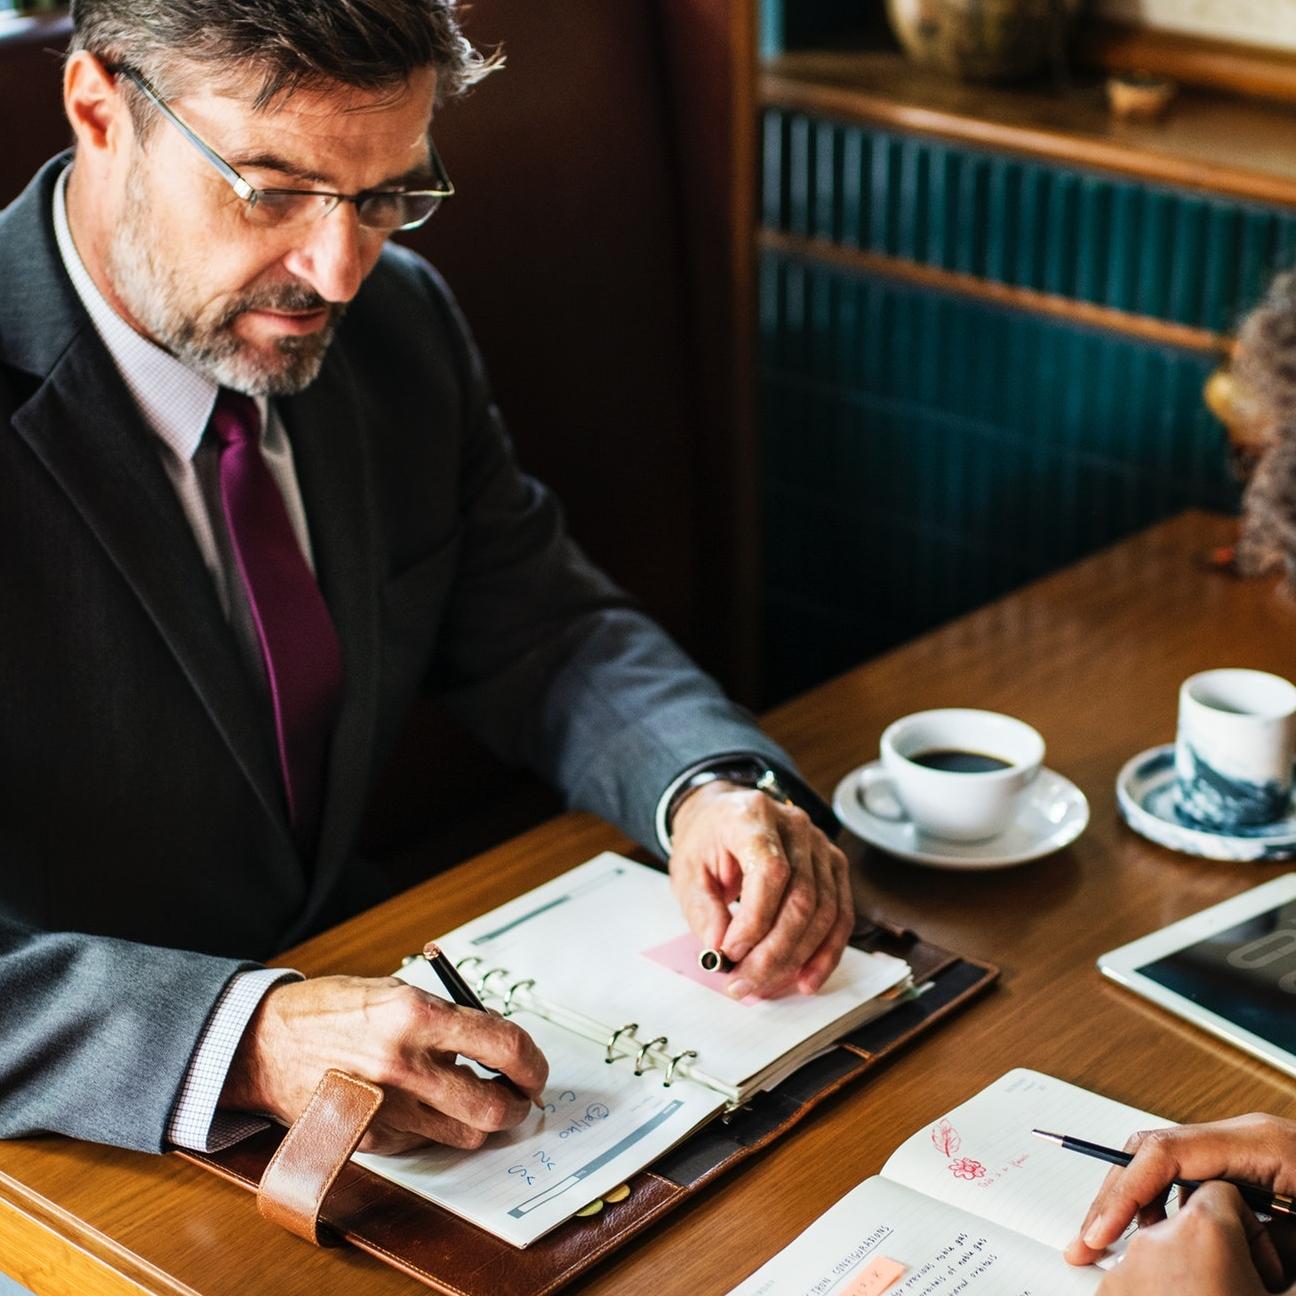 Jak przeprowadzić rozmowę kwalifikacyjną krok po kroku